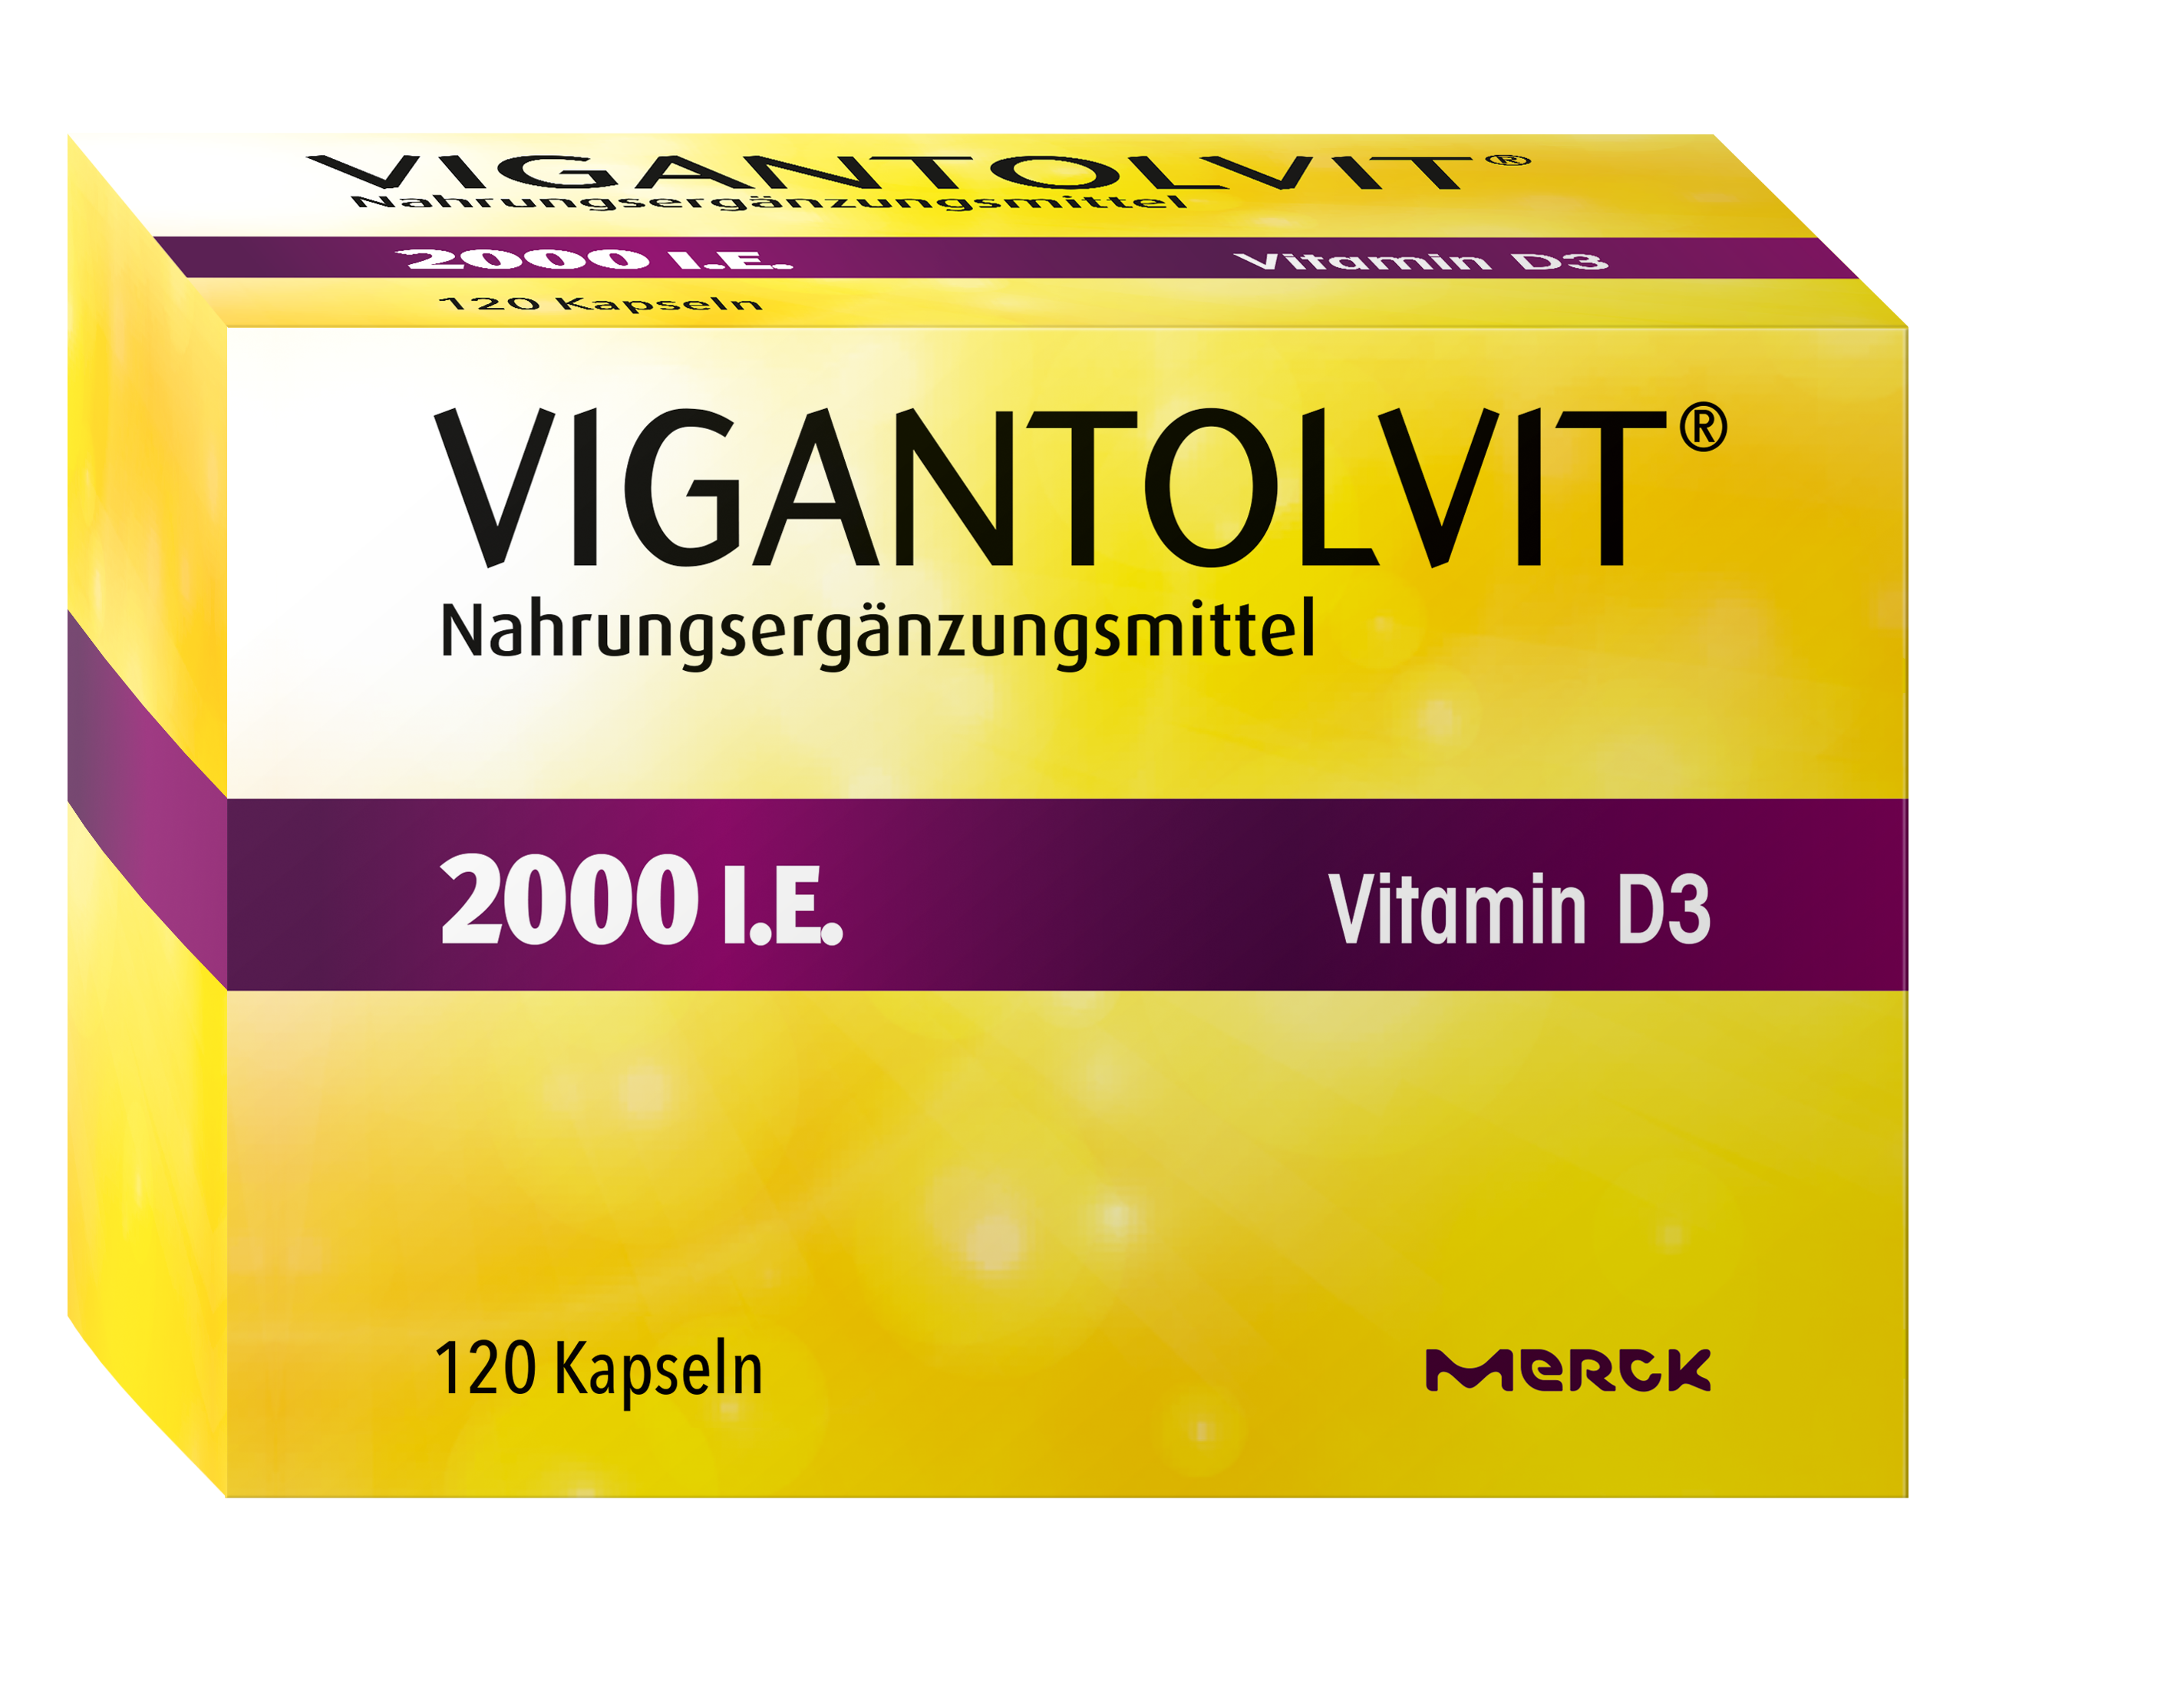 Vigantolvit 2000 I.E. Vitamin D3 Kapseln